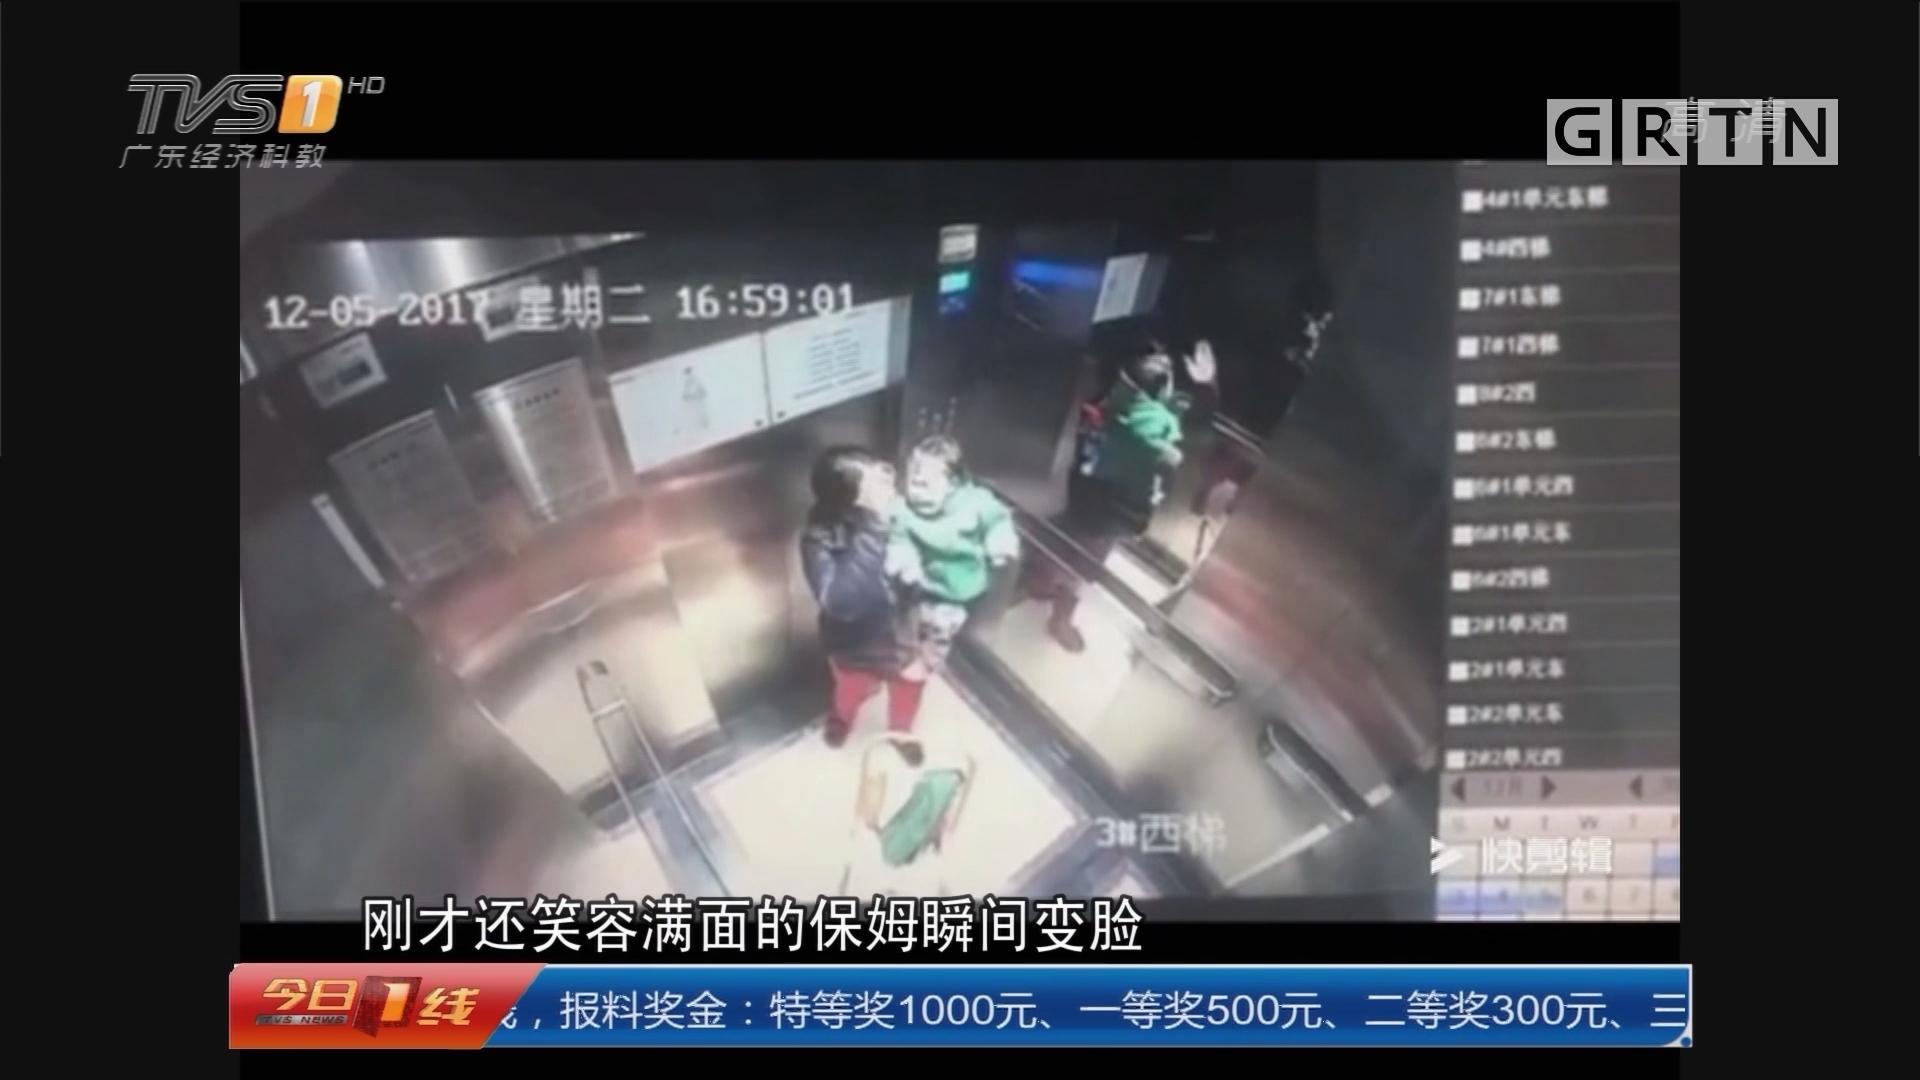 郑州:电梯里打宝宝14次 狠心保姆被拘留